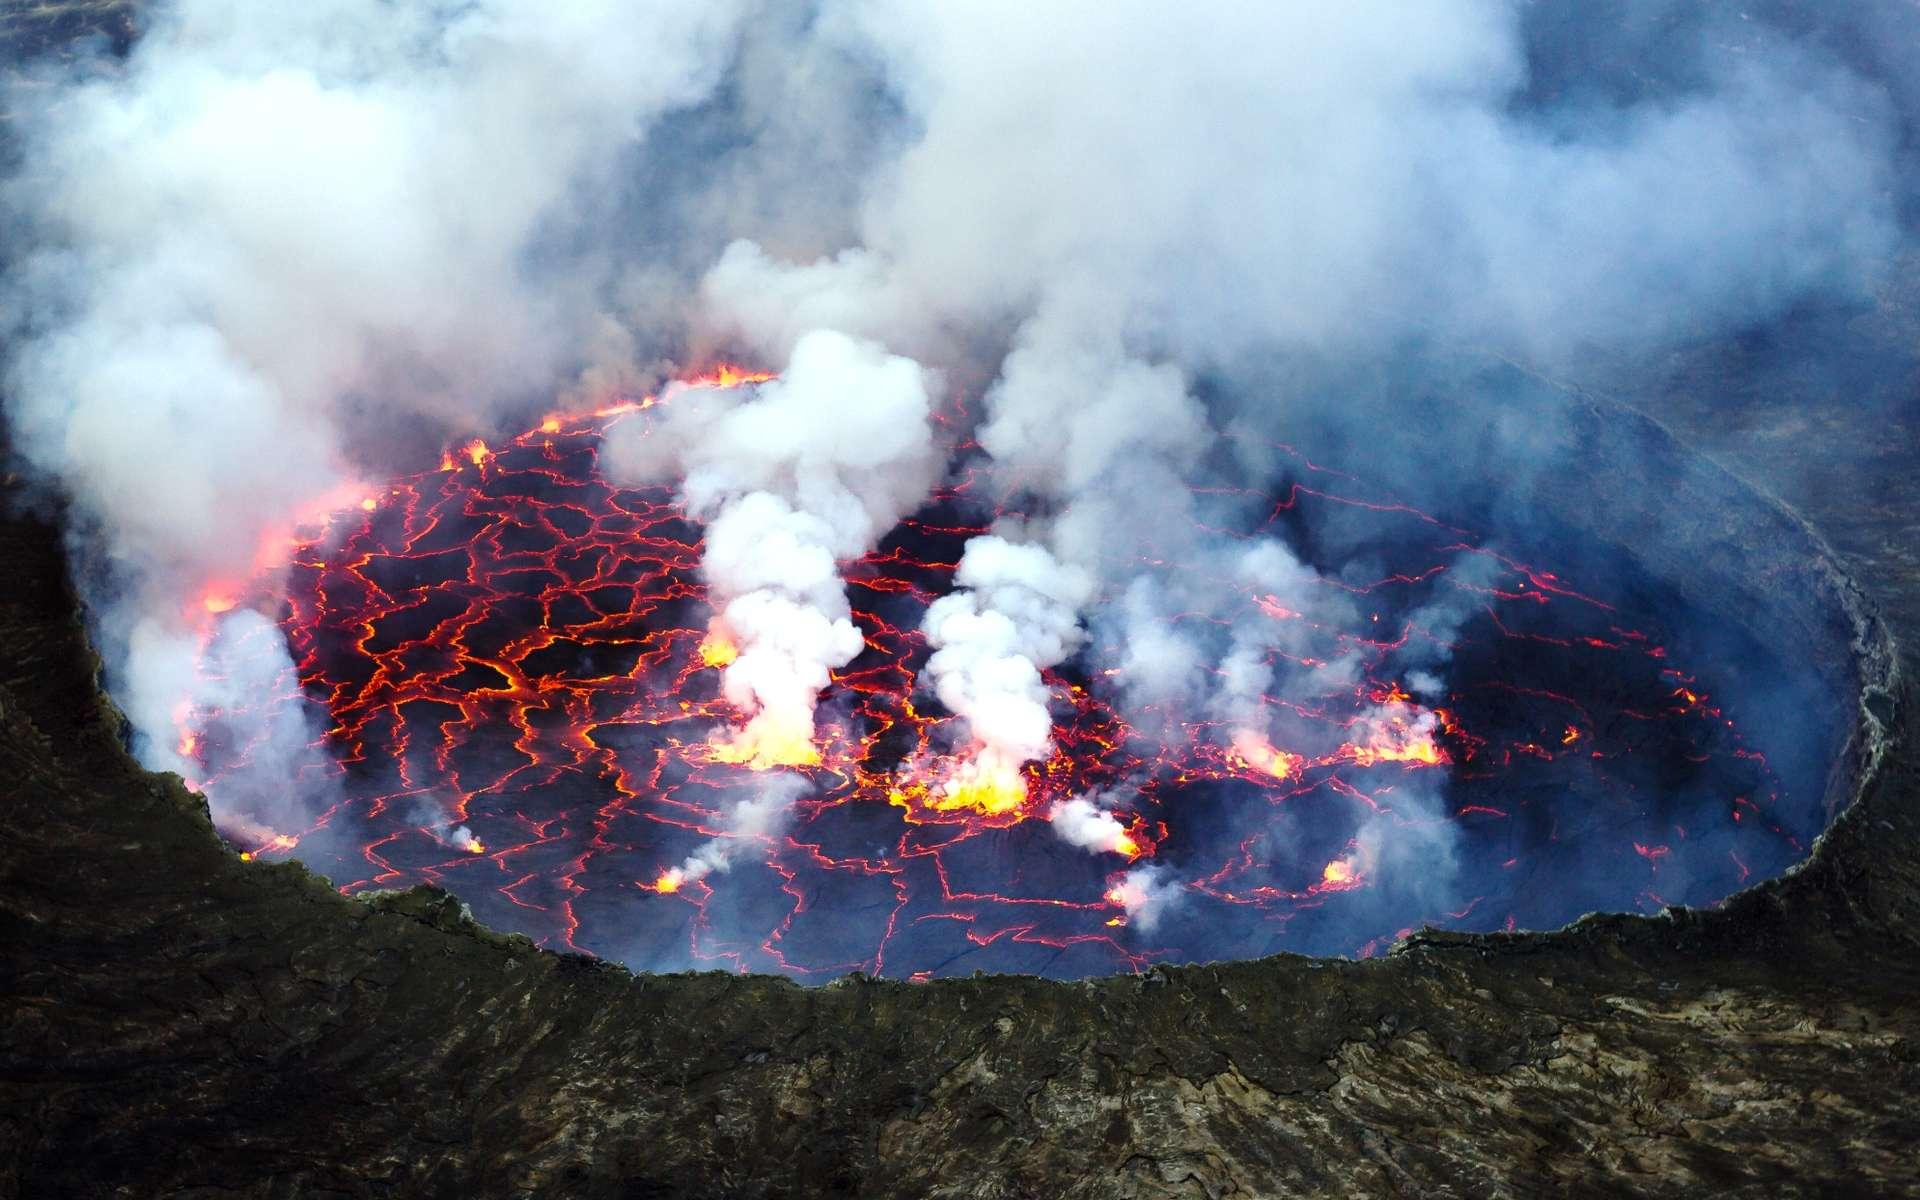 Une vue du lac de lave du Nyiragongo, en République démocratique du Congo. Il donne une image frappante de la tectonique des plaques. Des morceaux sombres de lave refroidie sont en mouvement sous l'action de courants de convection. À leurs limites, la lave incandescente est bien visible. Des processus analogues surviennent à l'échelle des plaques tectoniques. © via Wikimedia Commons, CC by-sa 3.0